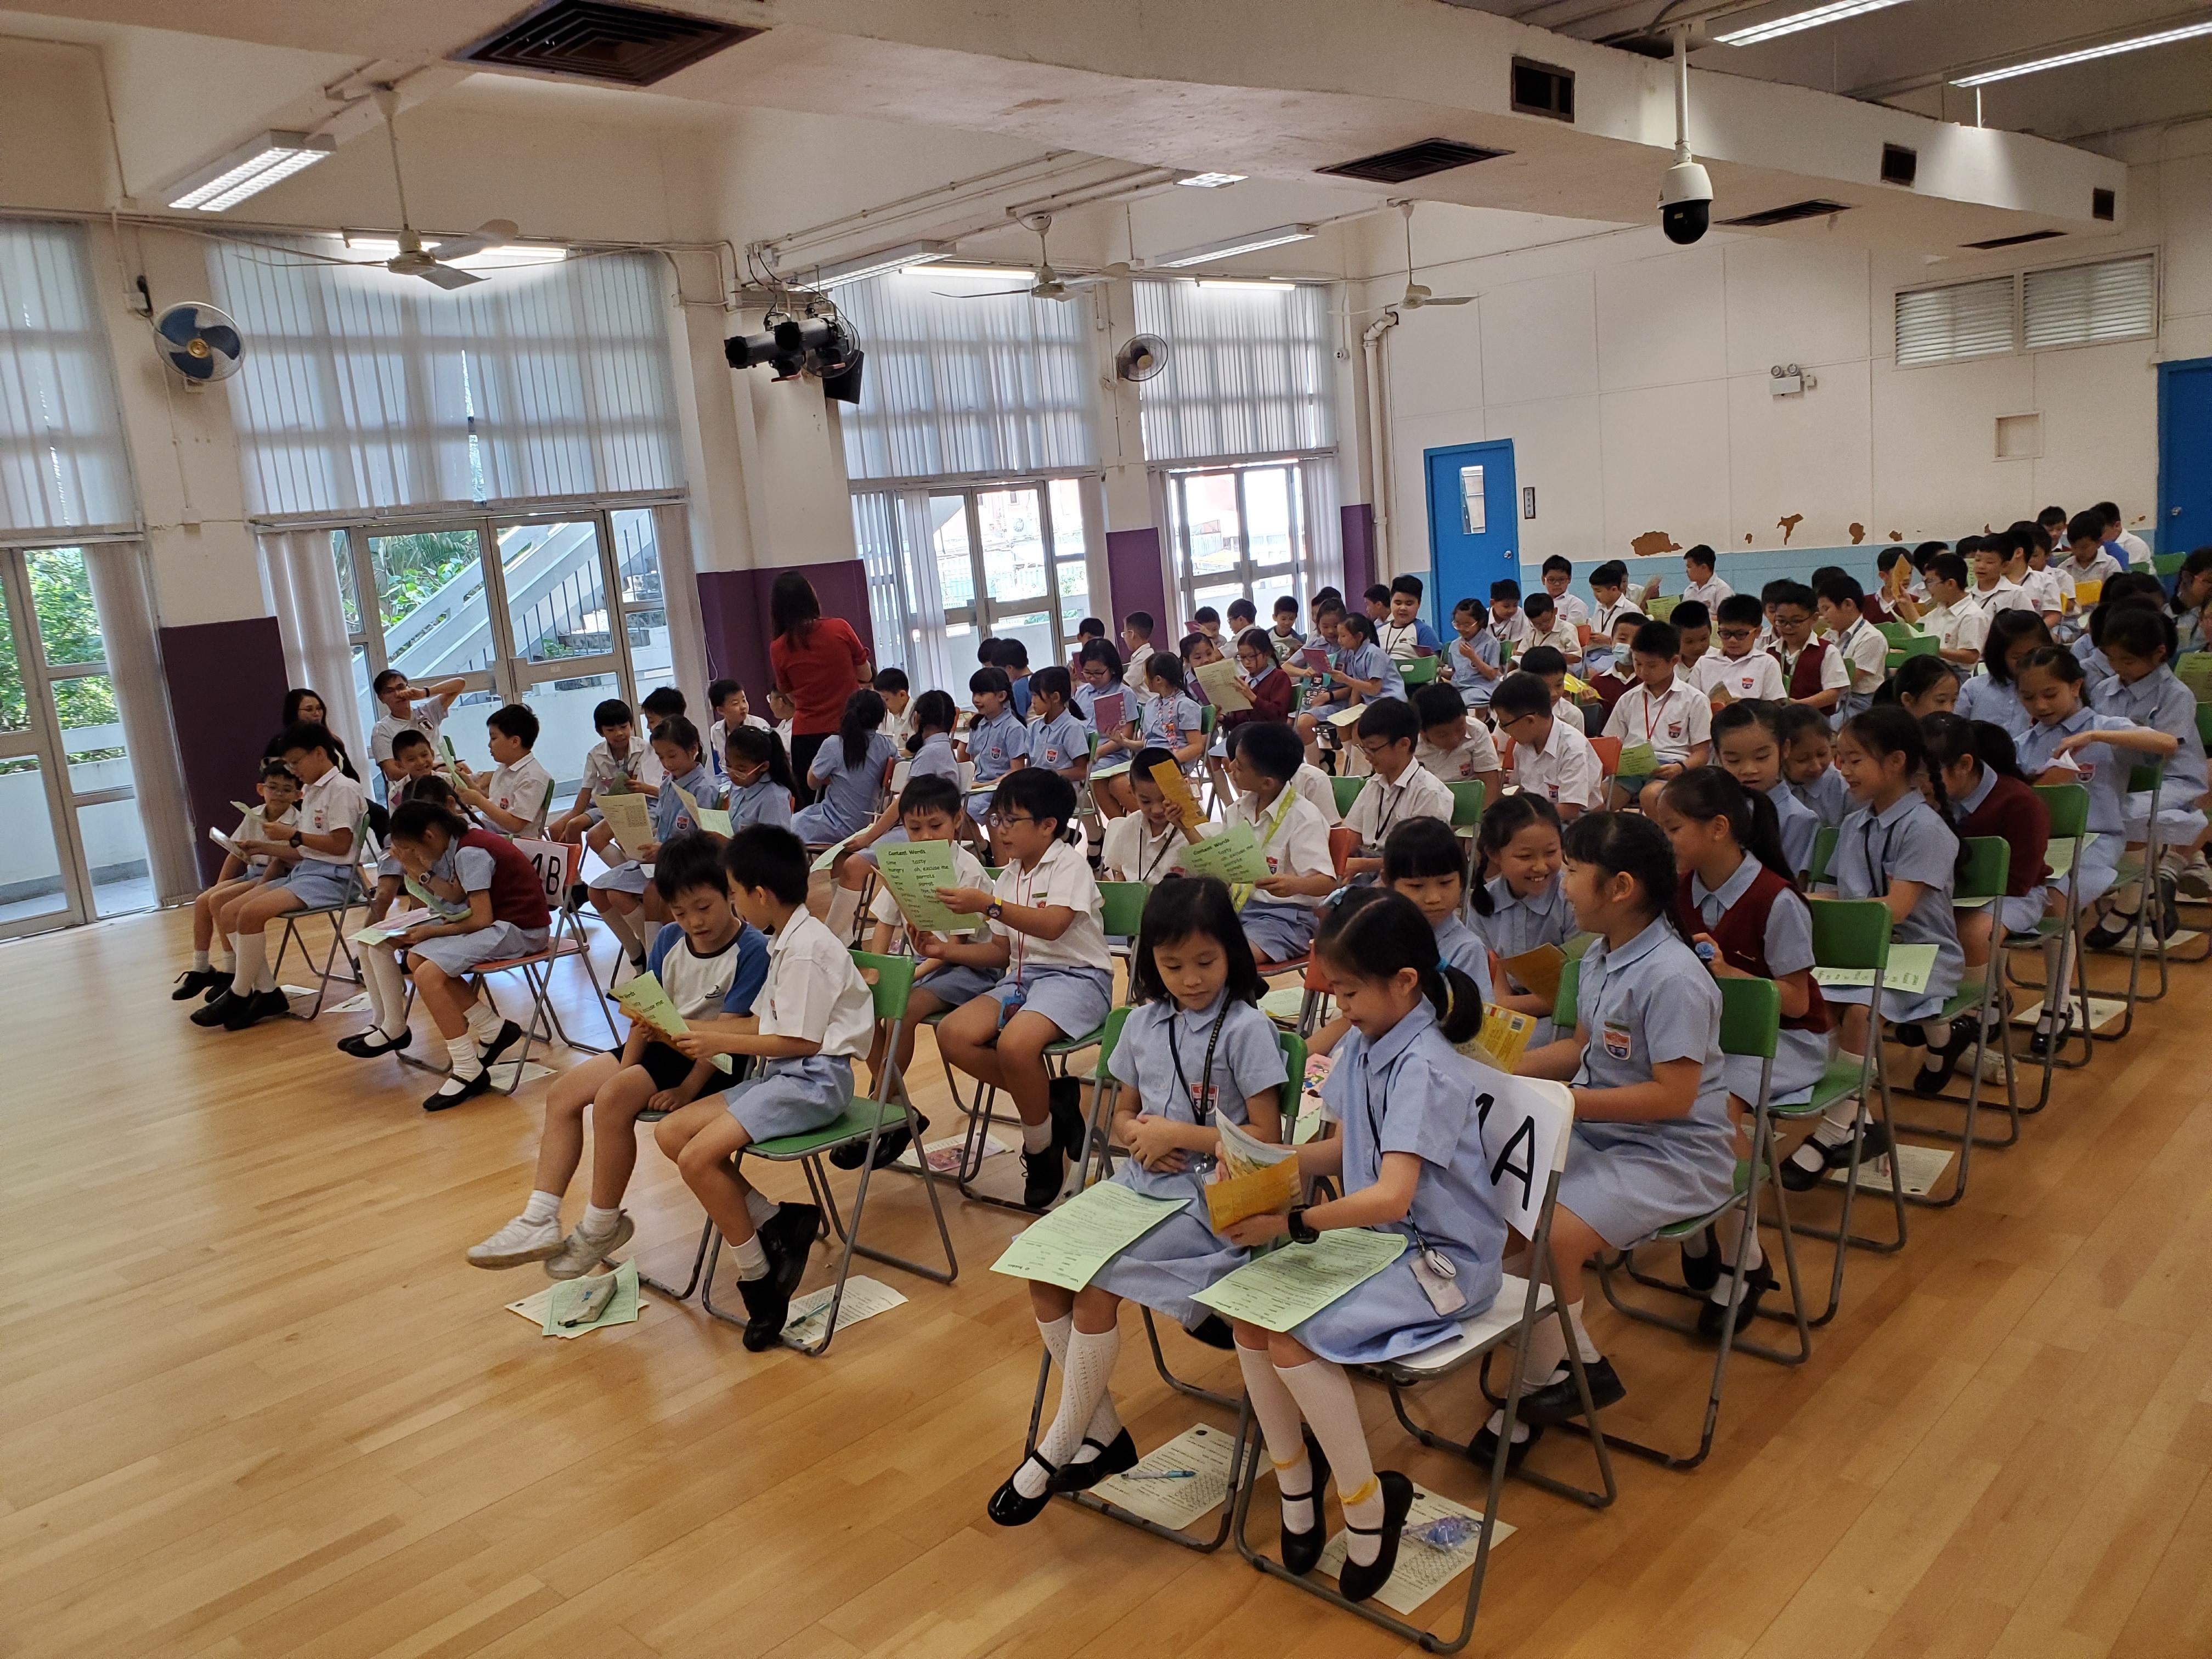 http://www.keiwan.edu.hk/sites/default/files/20191016_132948.jpg